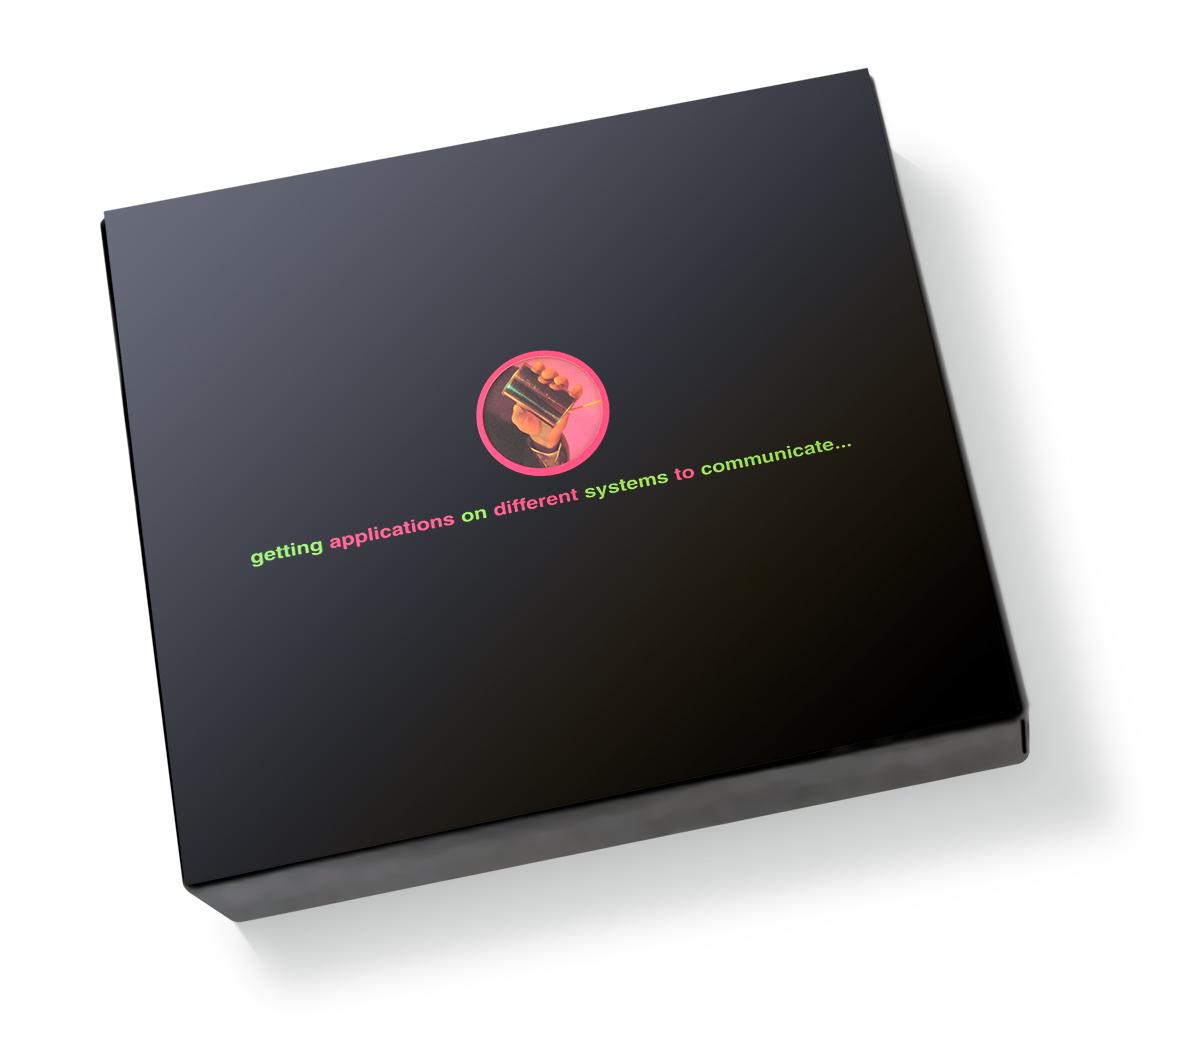 IBM Exterior Box Cover